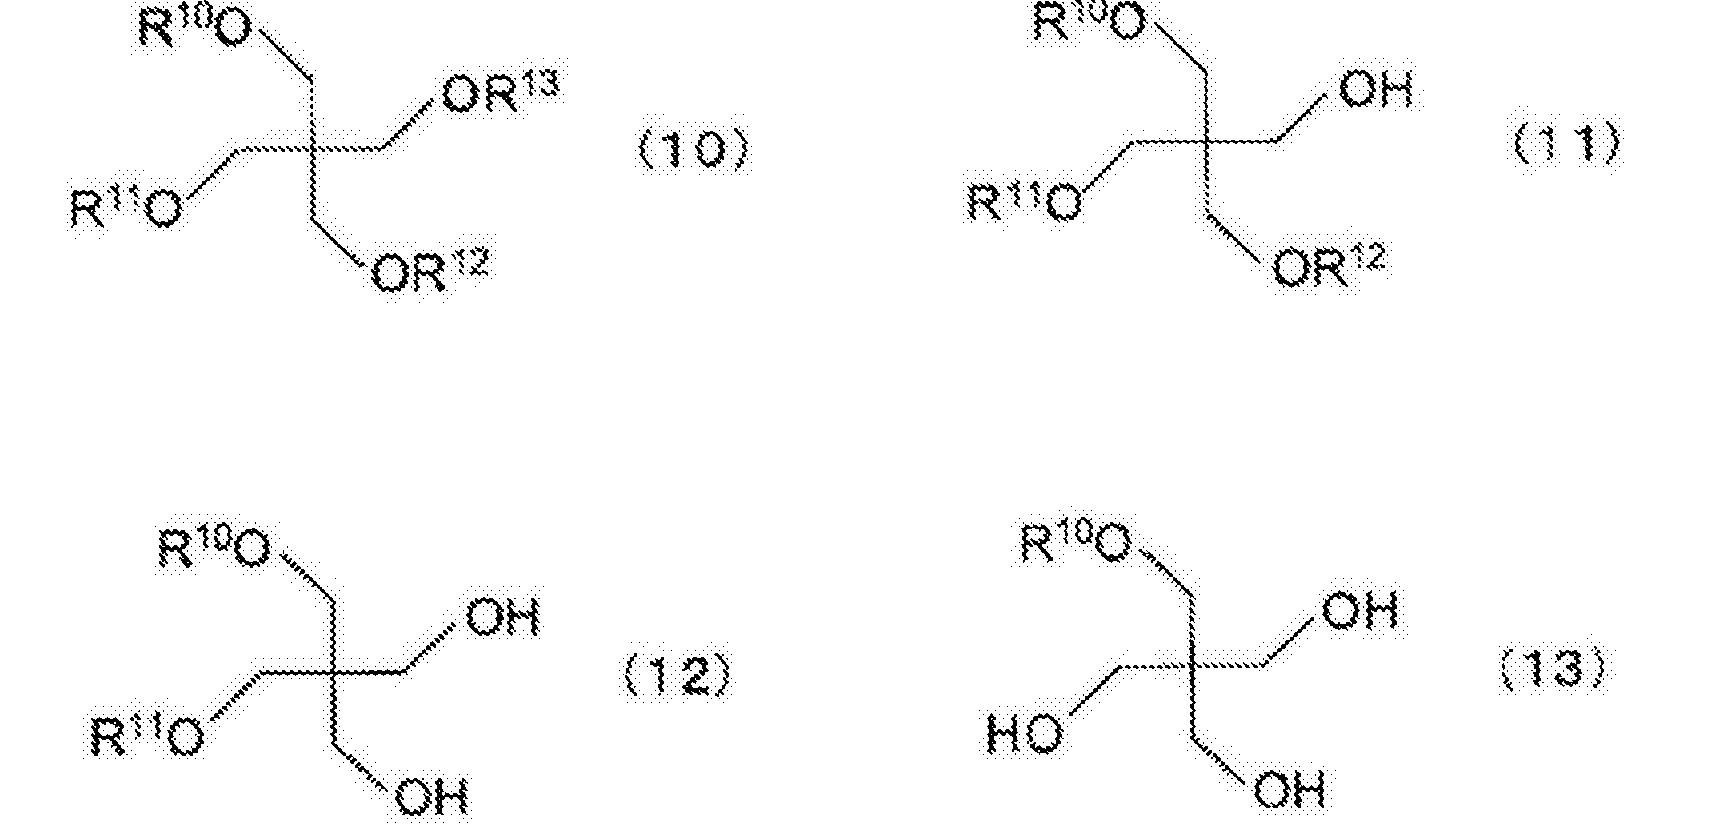 Figure CN104271094BD00271